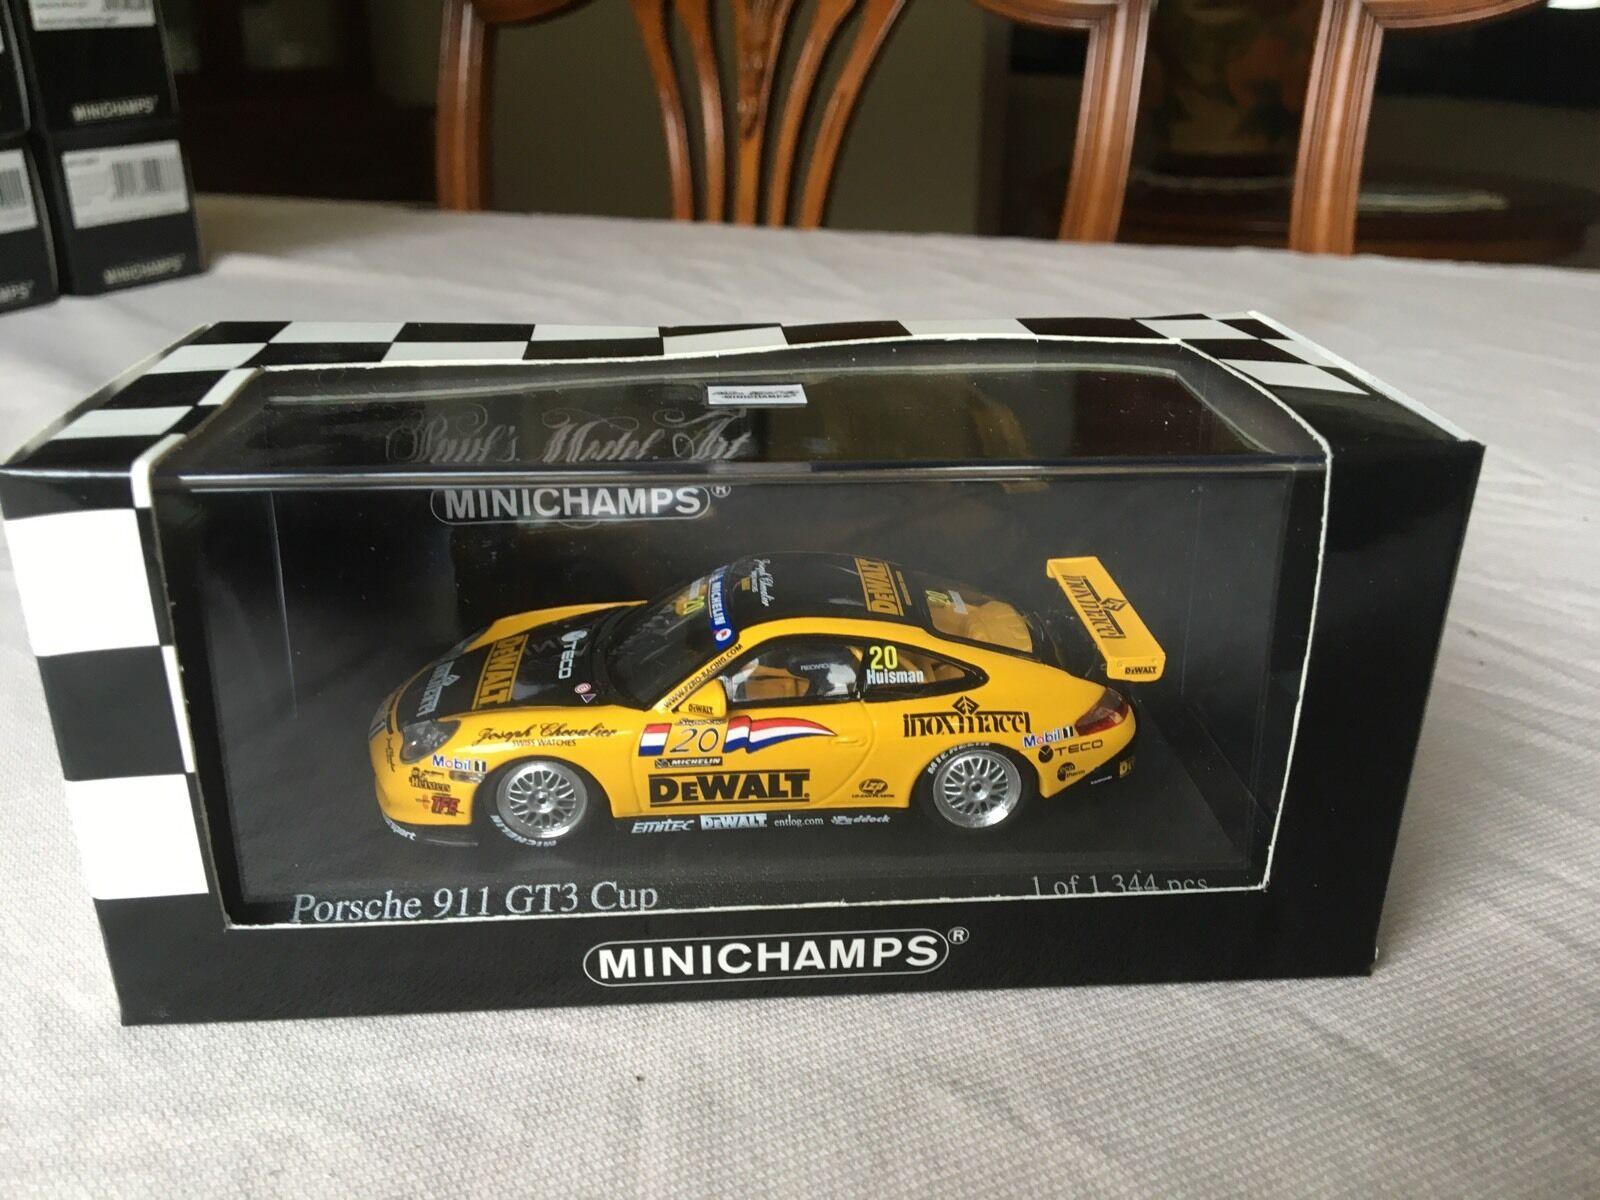 Minichamps Porsche 911 GT3 Cup, Carrera Cup  2003, in 1 43 scale diecast